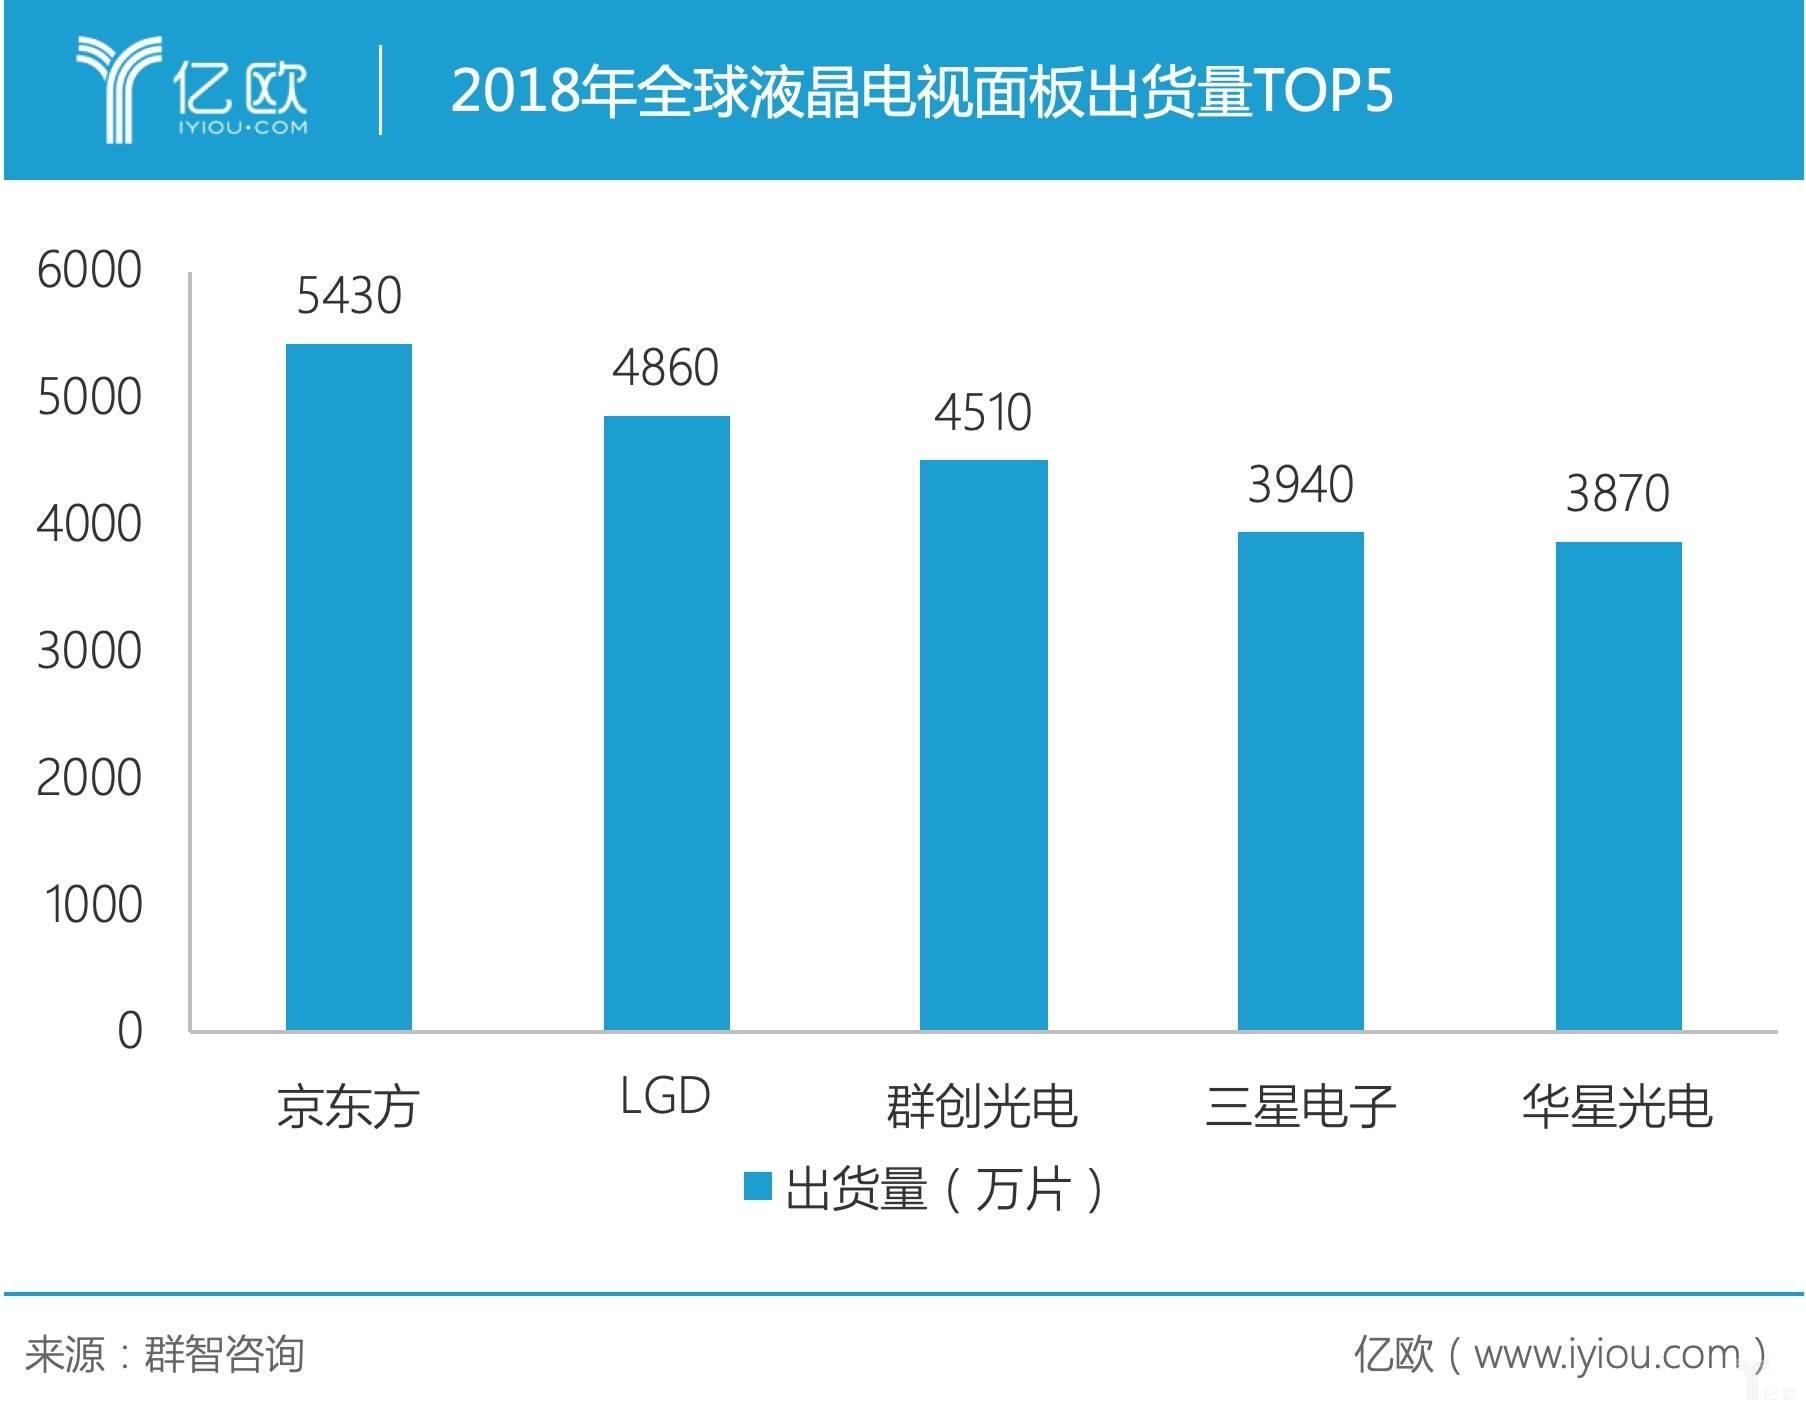 2018年全球液晶电视面板出货量TOP5